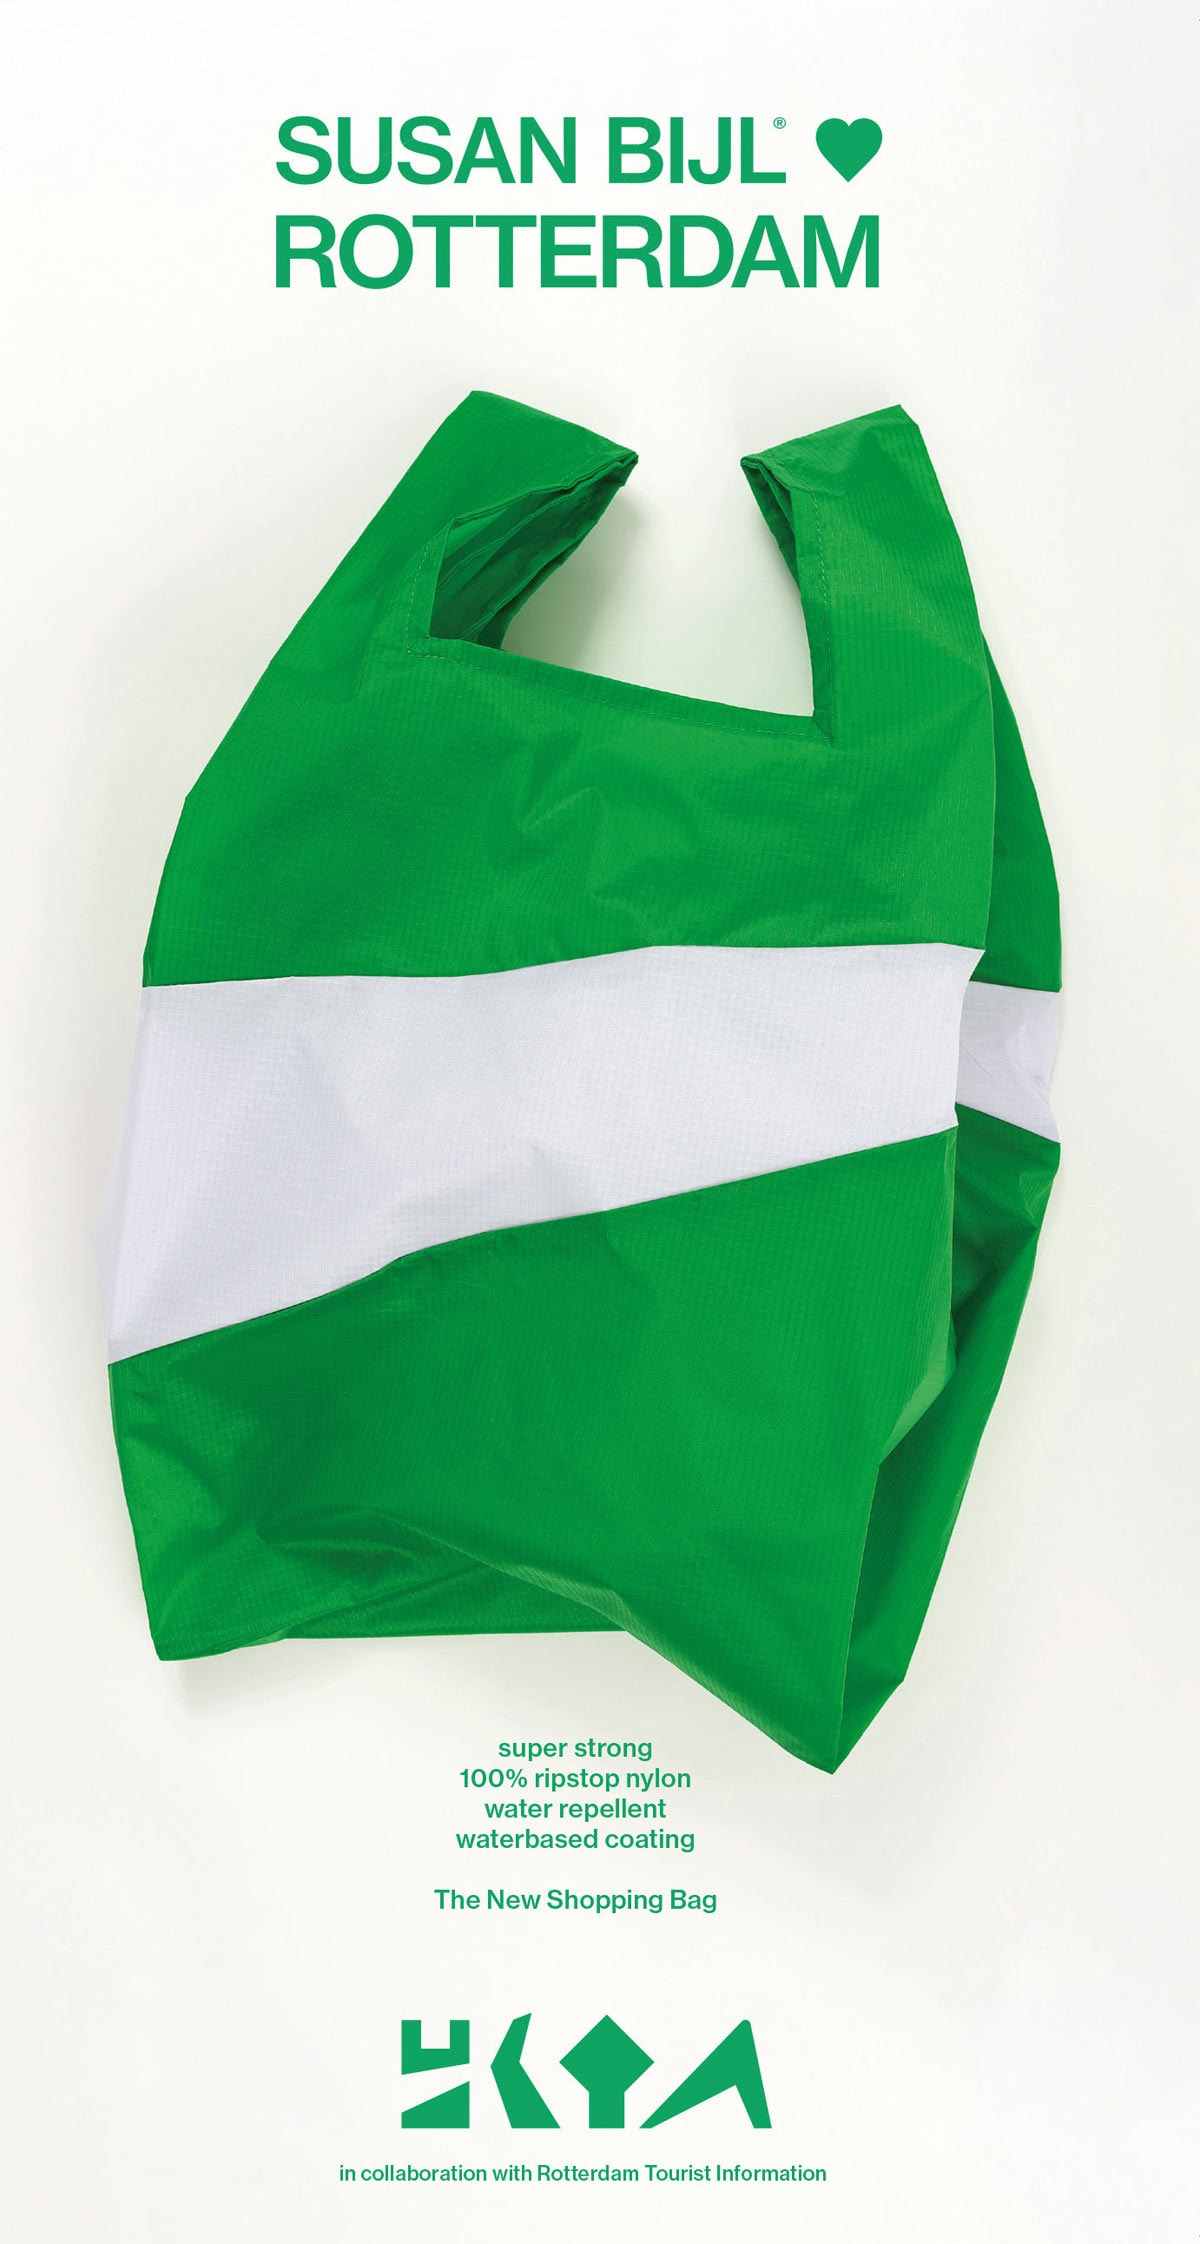 Rotterdam krijgt dankzij tassenlabel Susan Bijl zijn 'eigen tas'